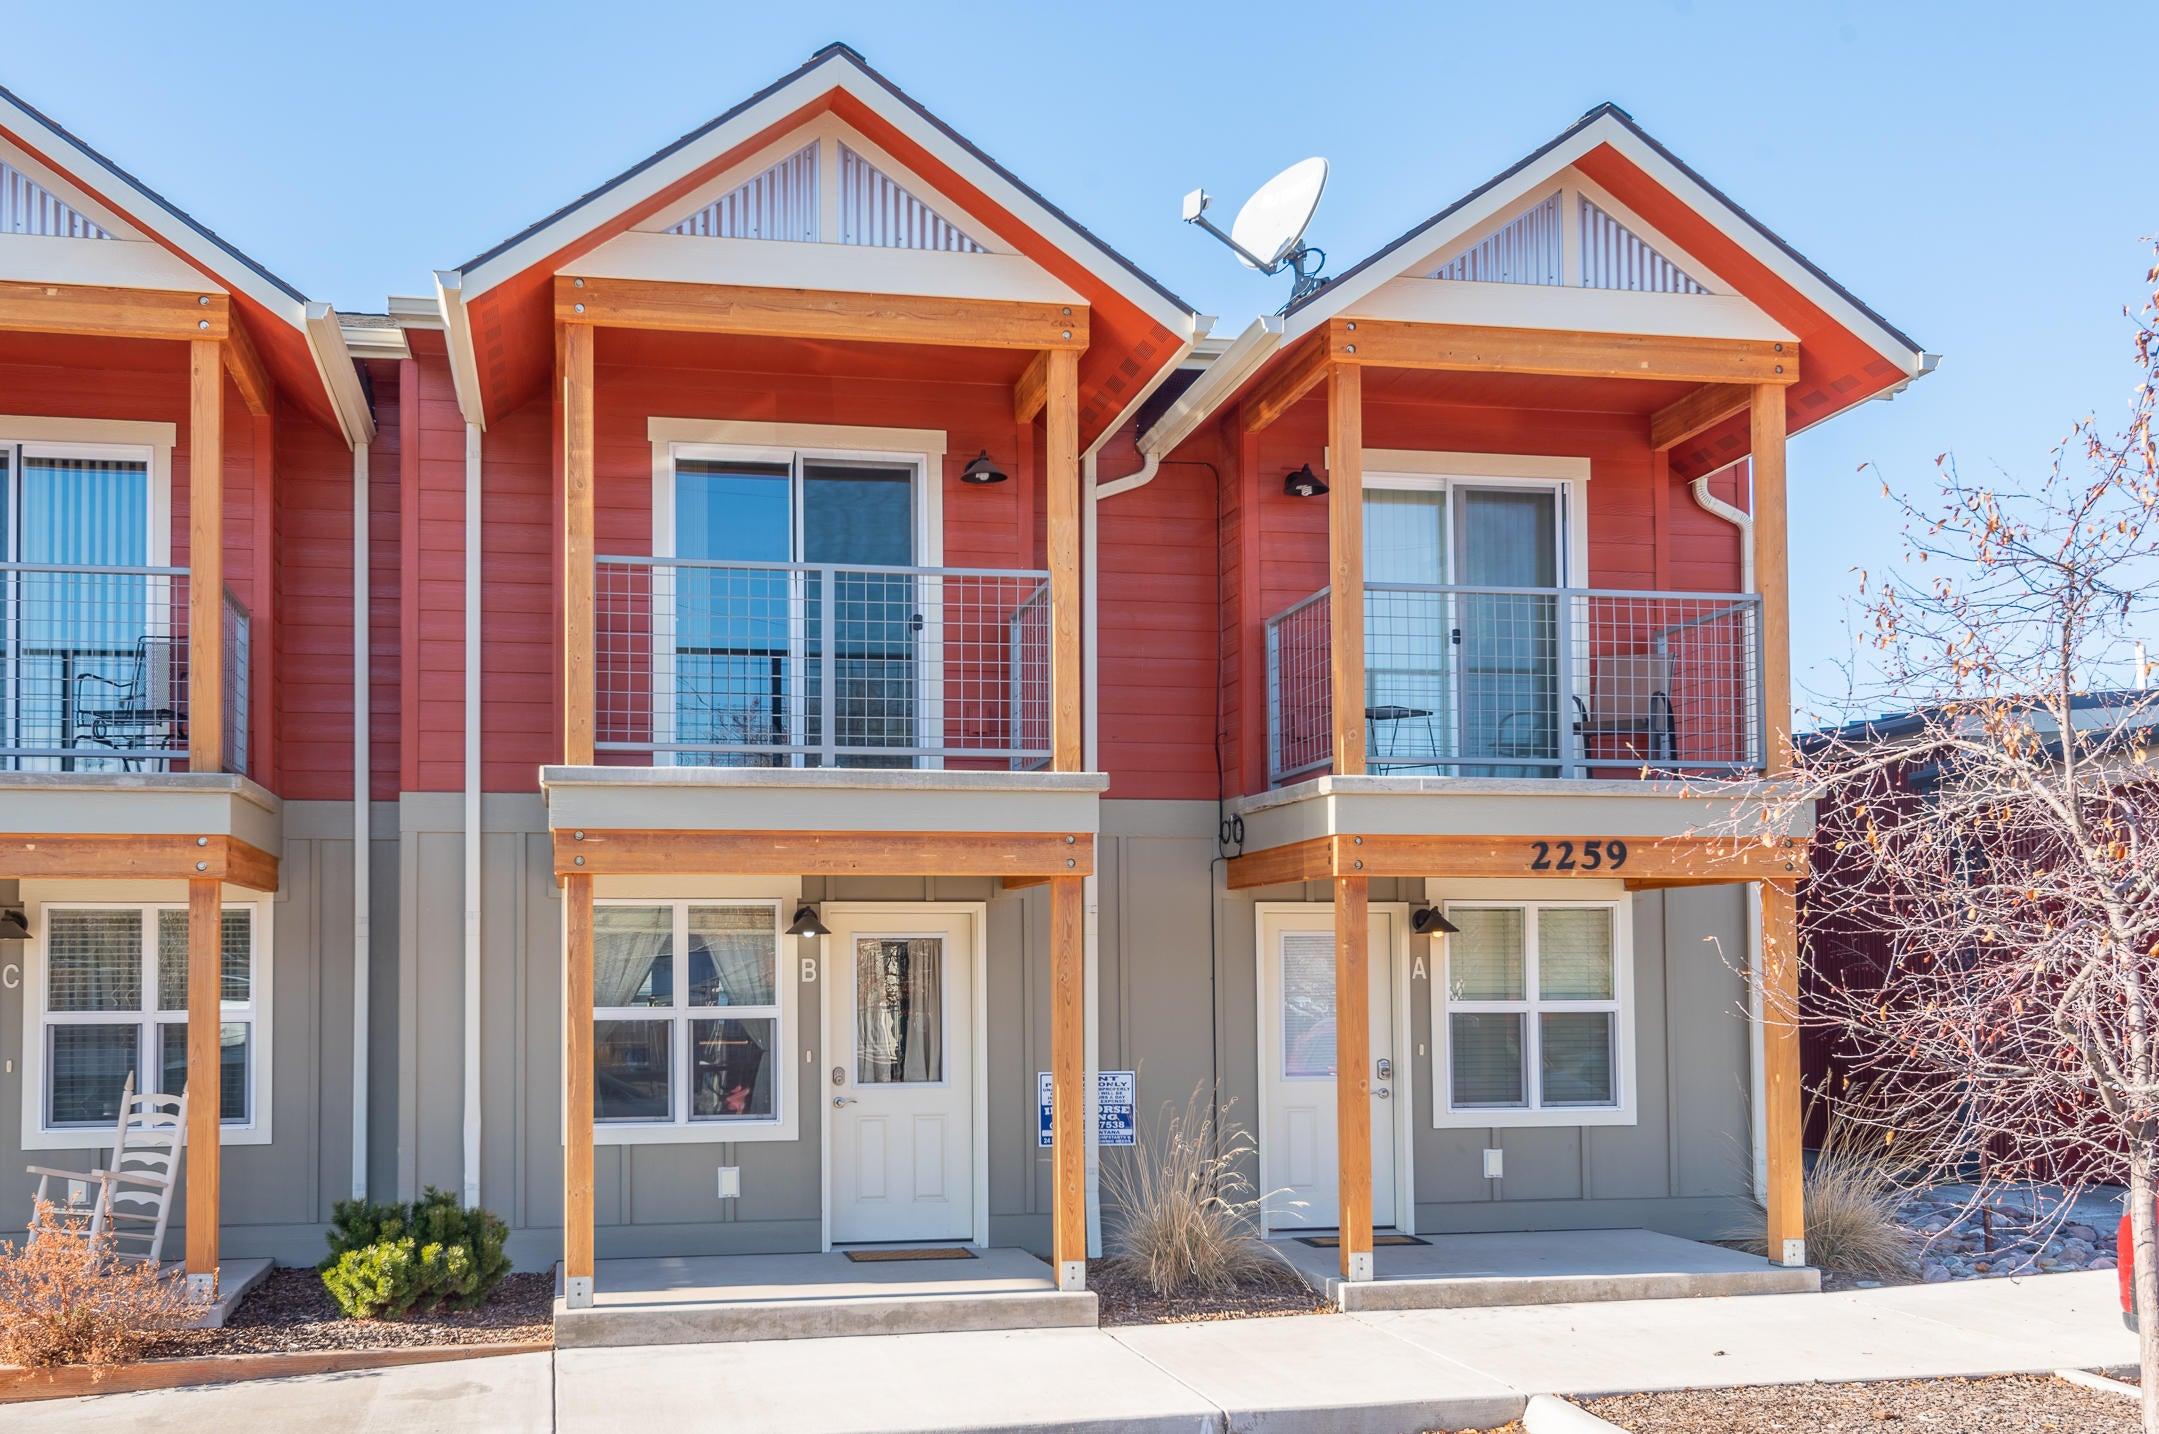 2259 S 3rd Street W Unit B, Missoula, MT 59801